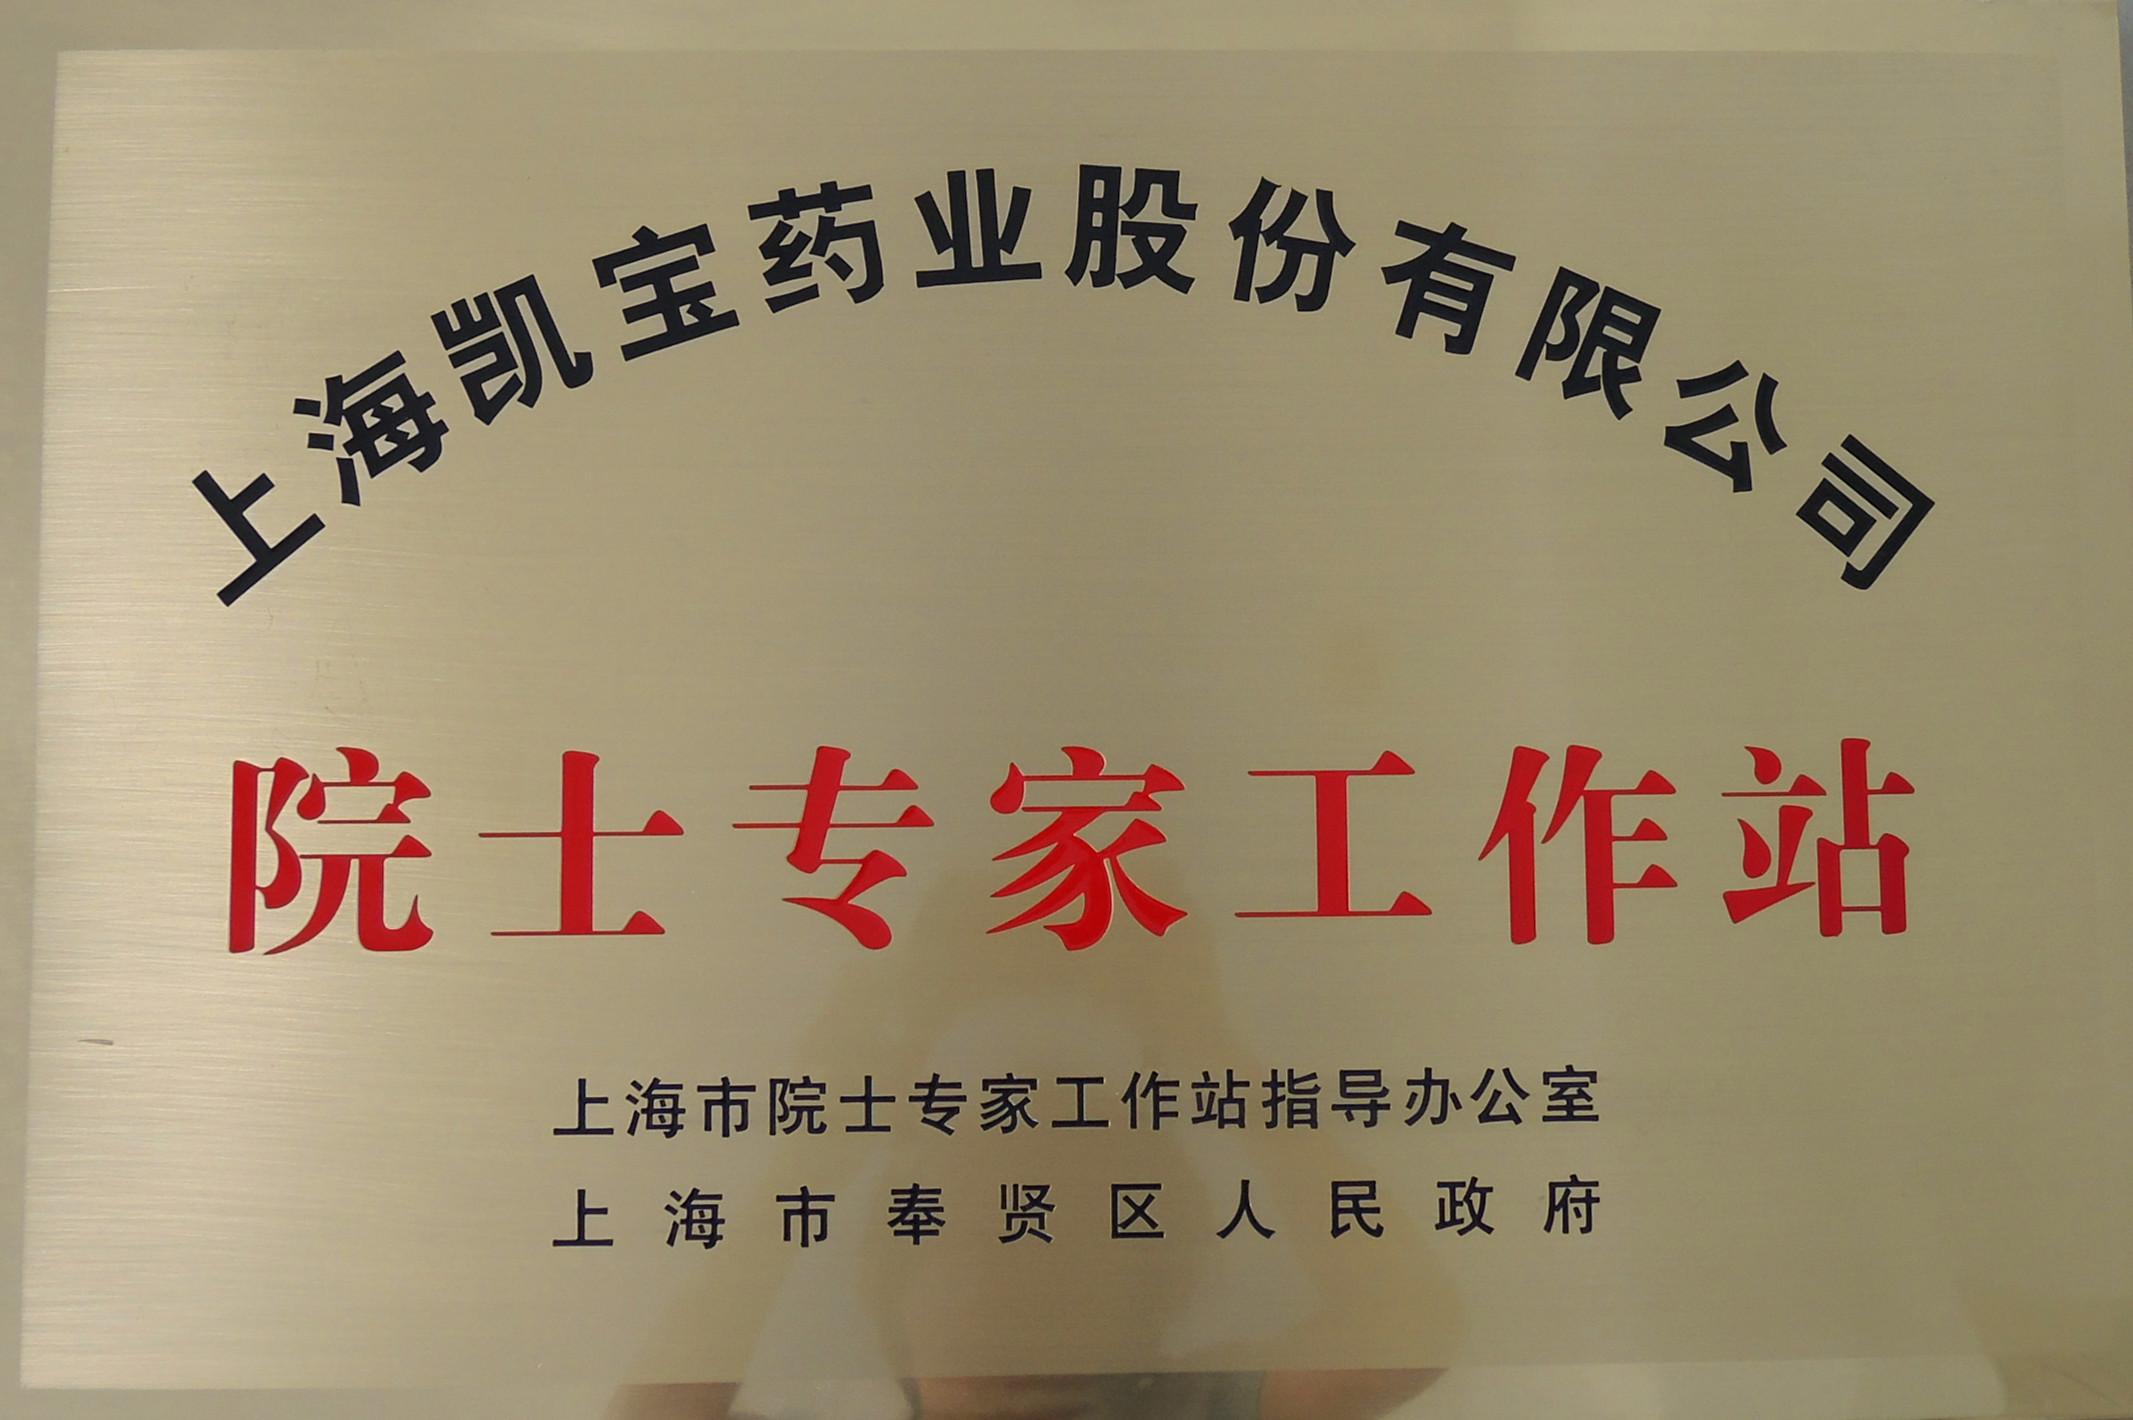 上海市院士專家工作站